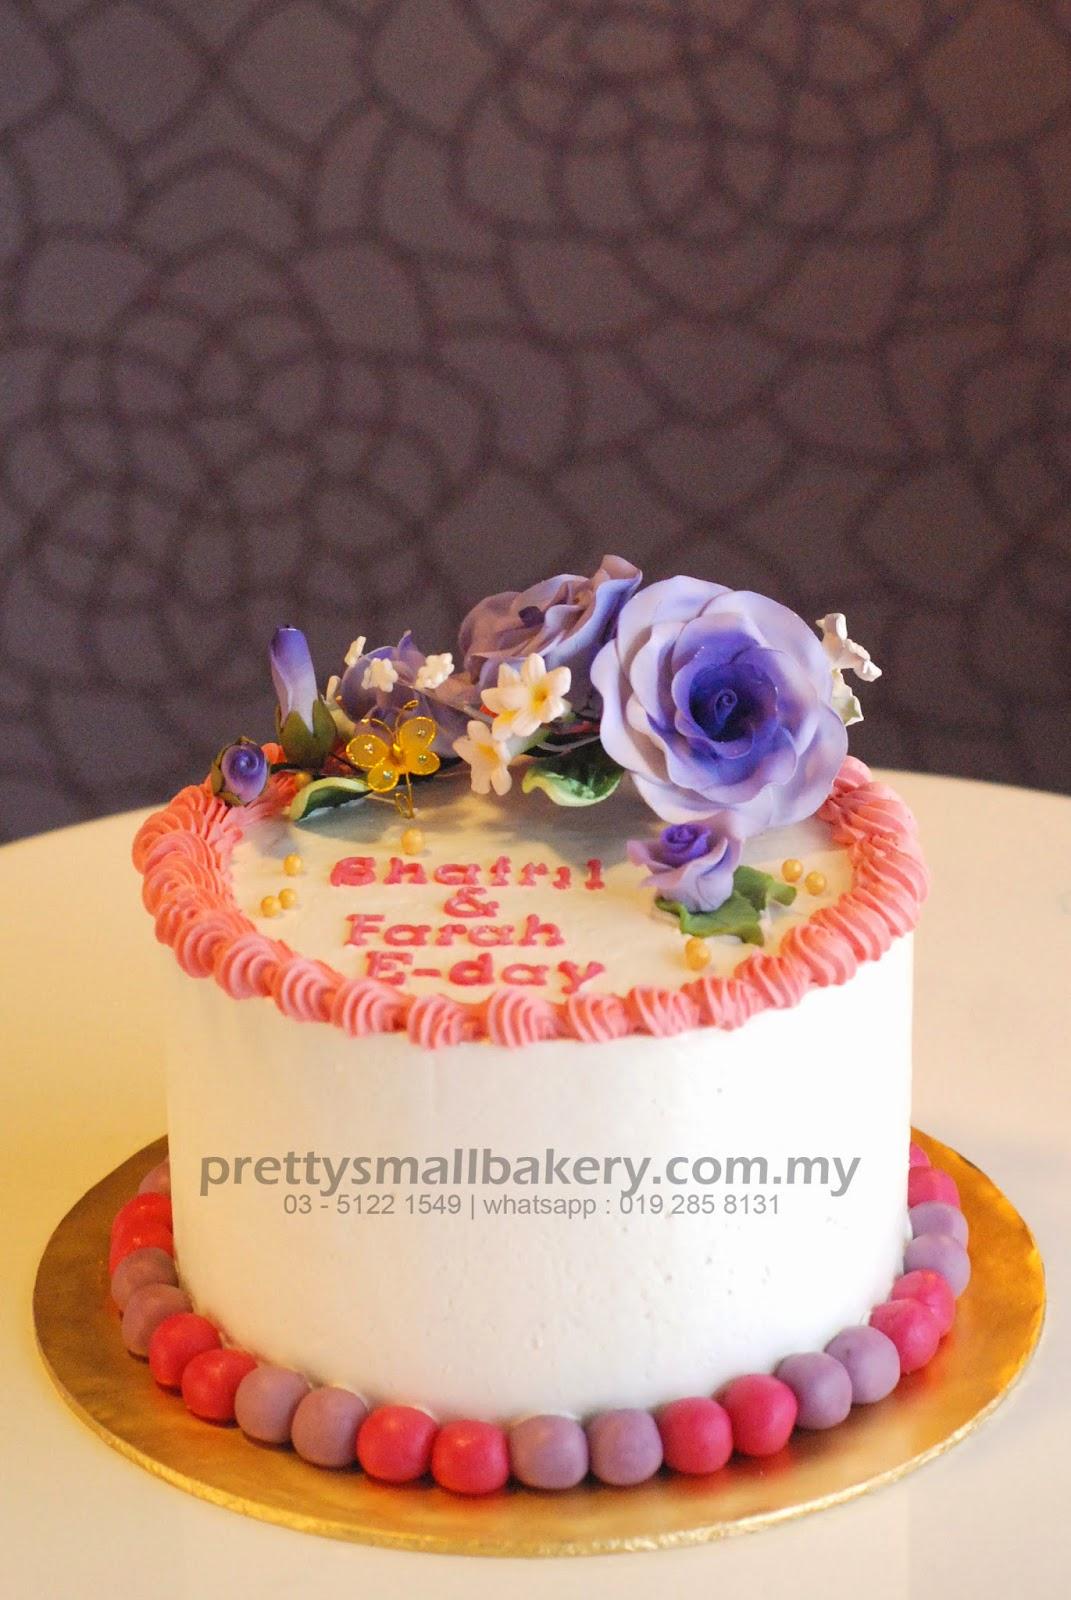 Kek Tunang Tema Bunga Floral Yang Cantik Prettysmallbakery